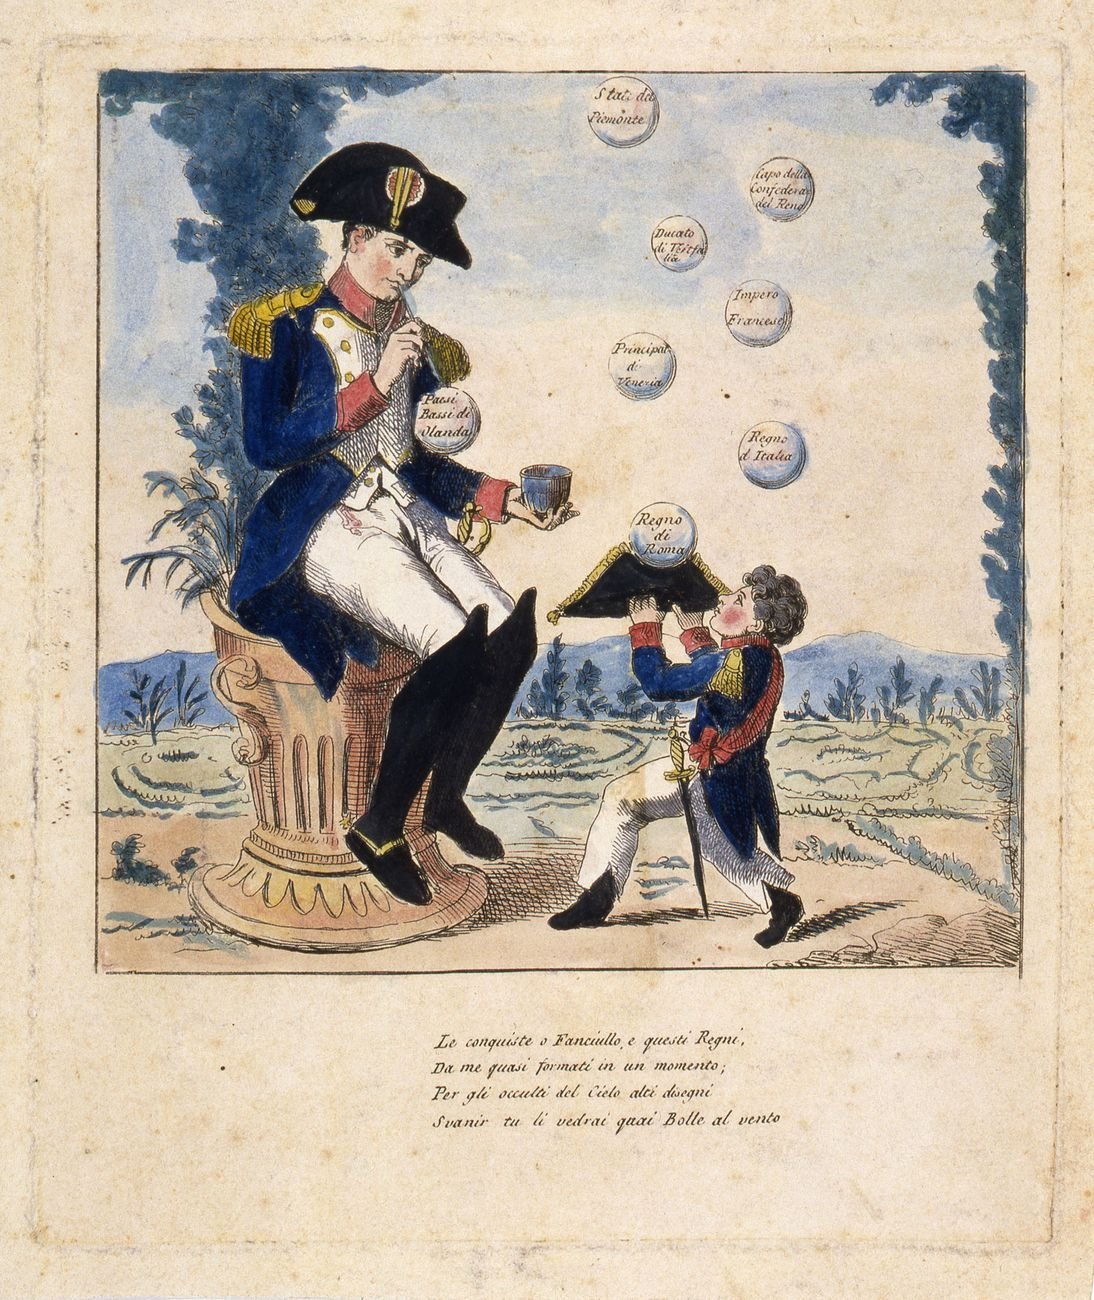 Anonimo, stampa satirica raffigurante Napoleone che gioca con le bolle di sapone, 1810-14. Museo Napoleonico, Roma